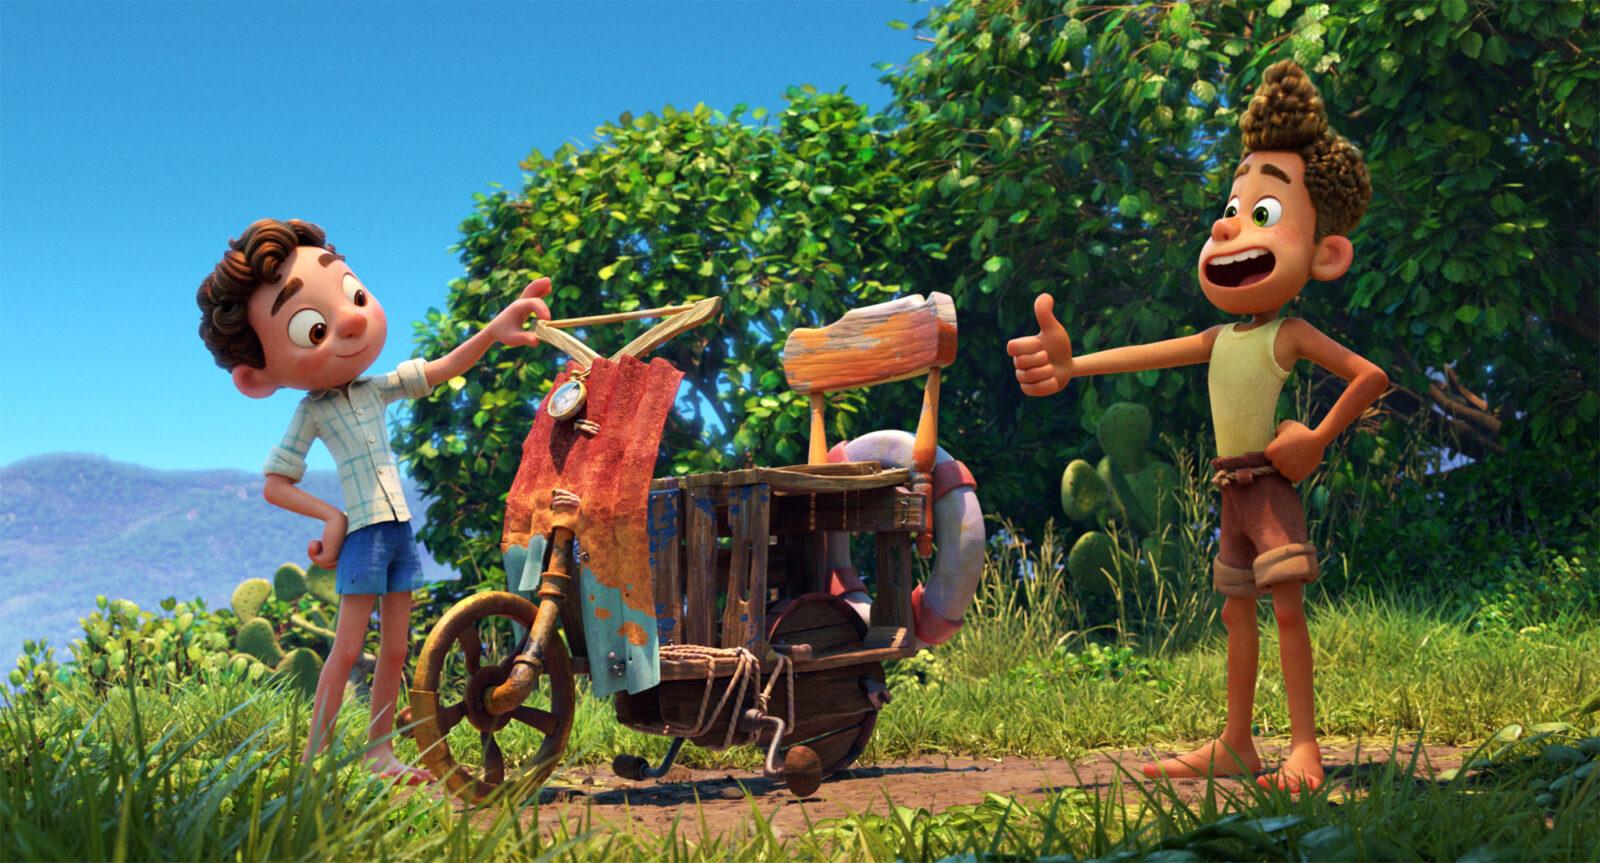 10 best pixar movies